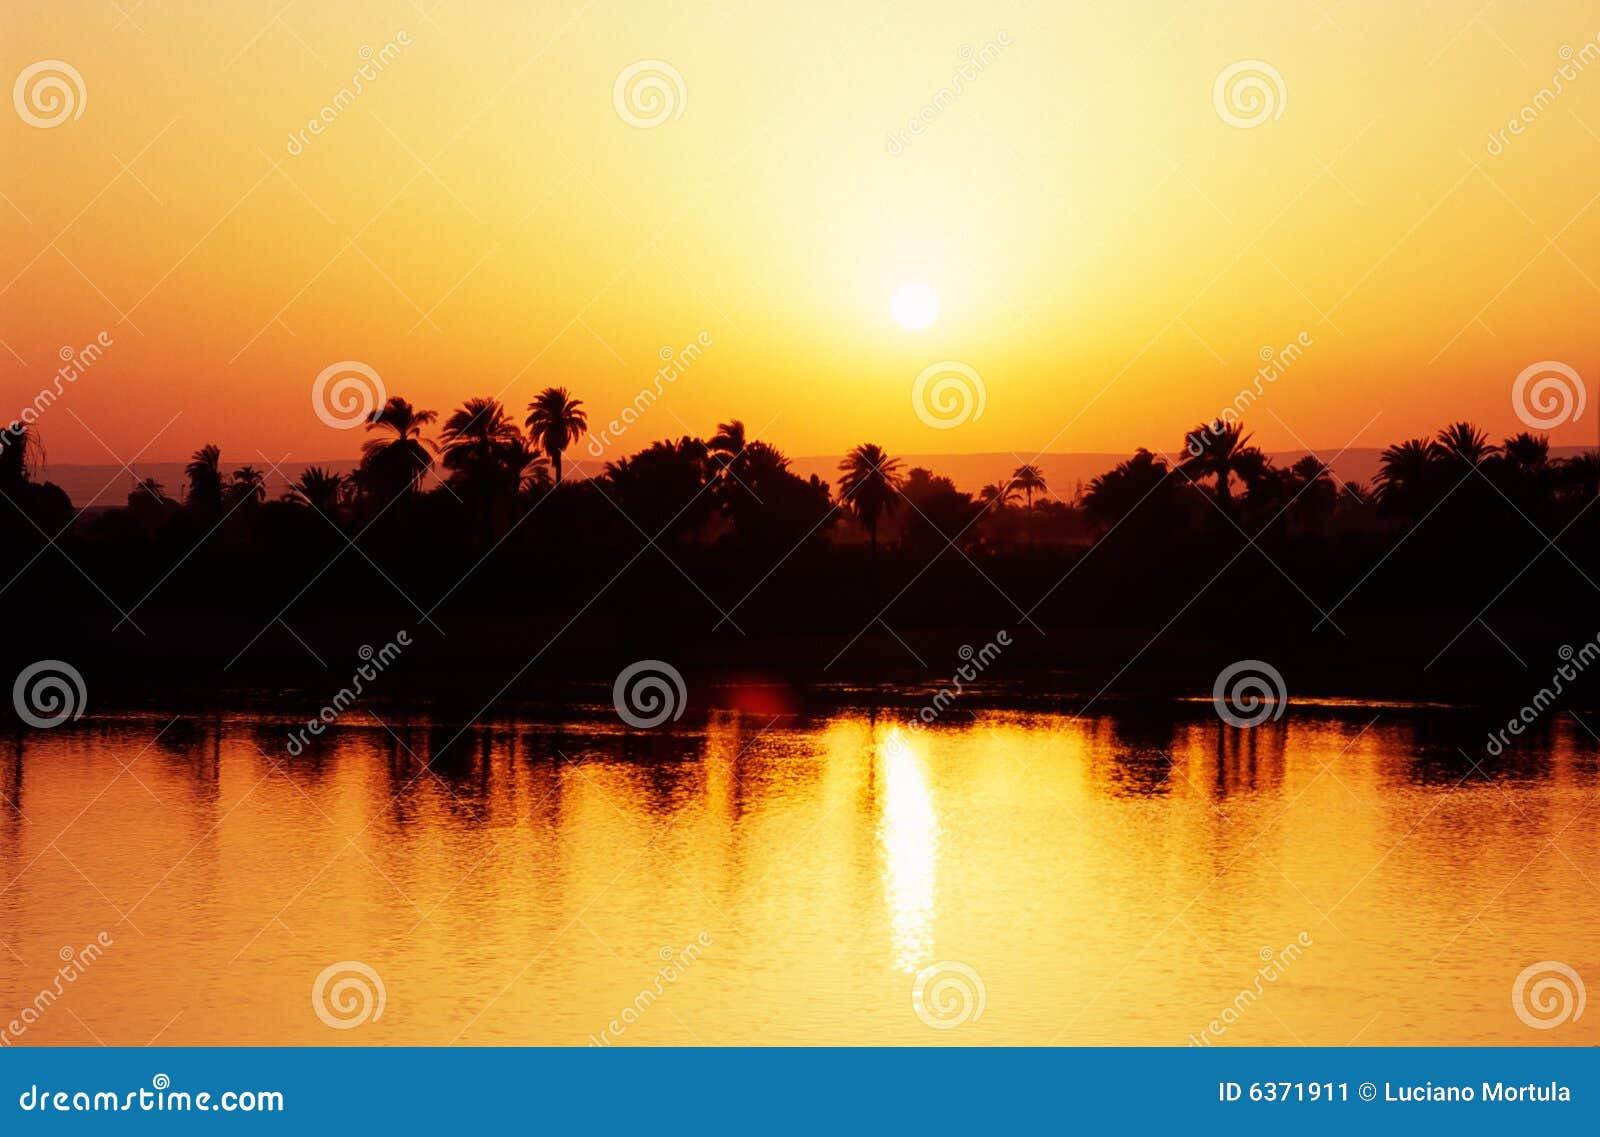 Zonsondergang op de Rivier van Nijl, Egypte.